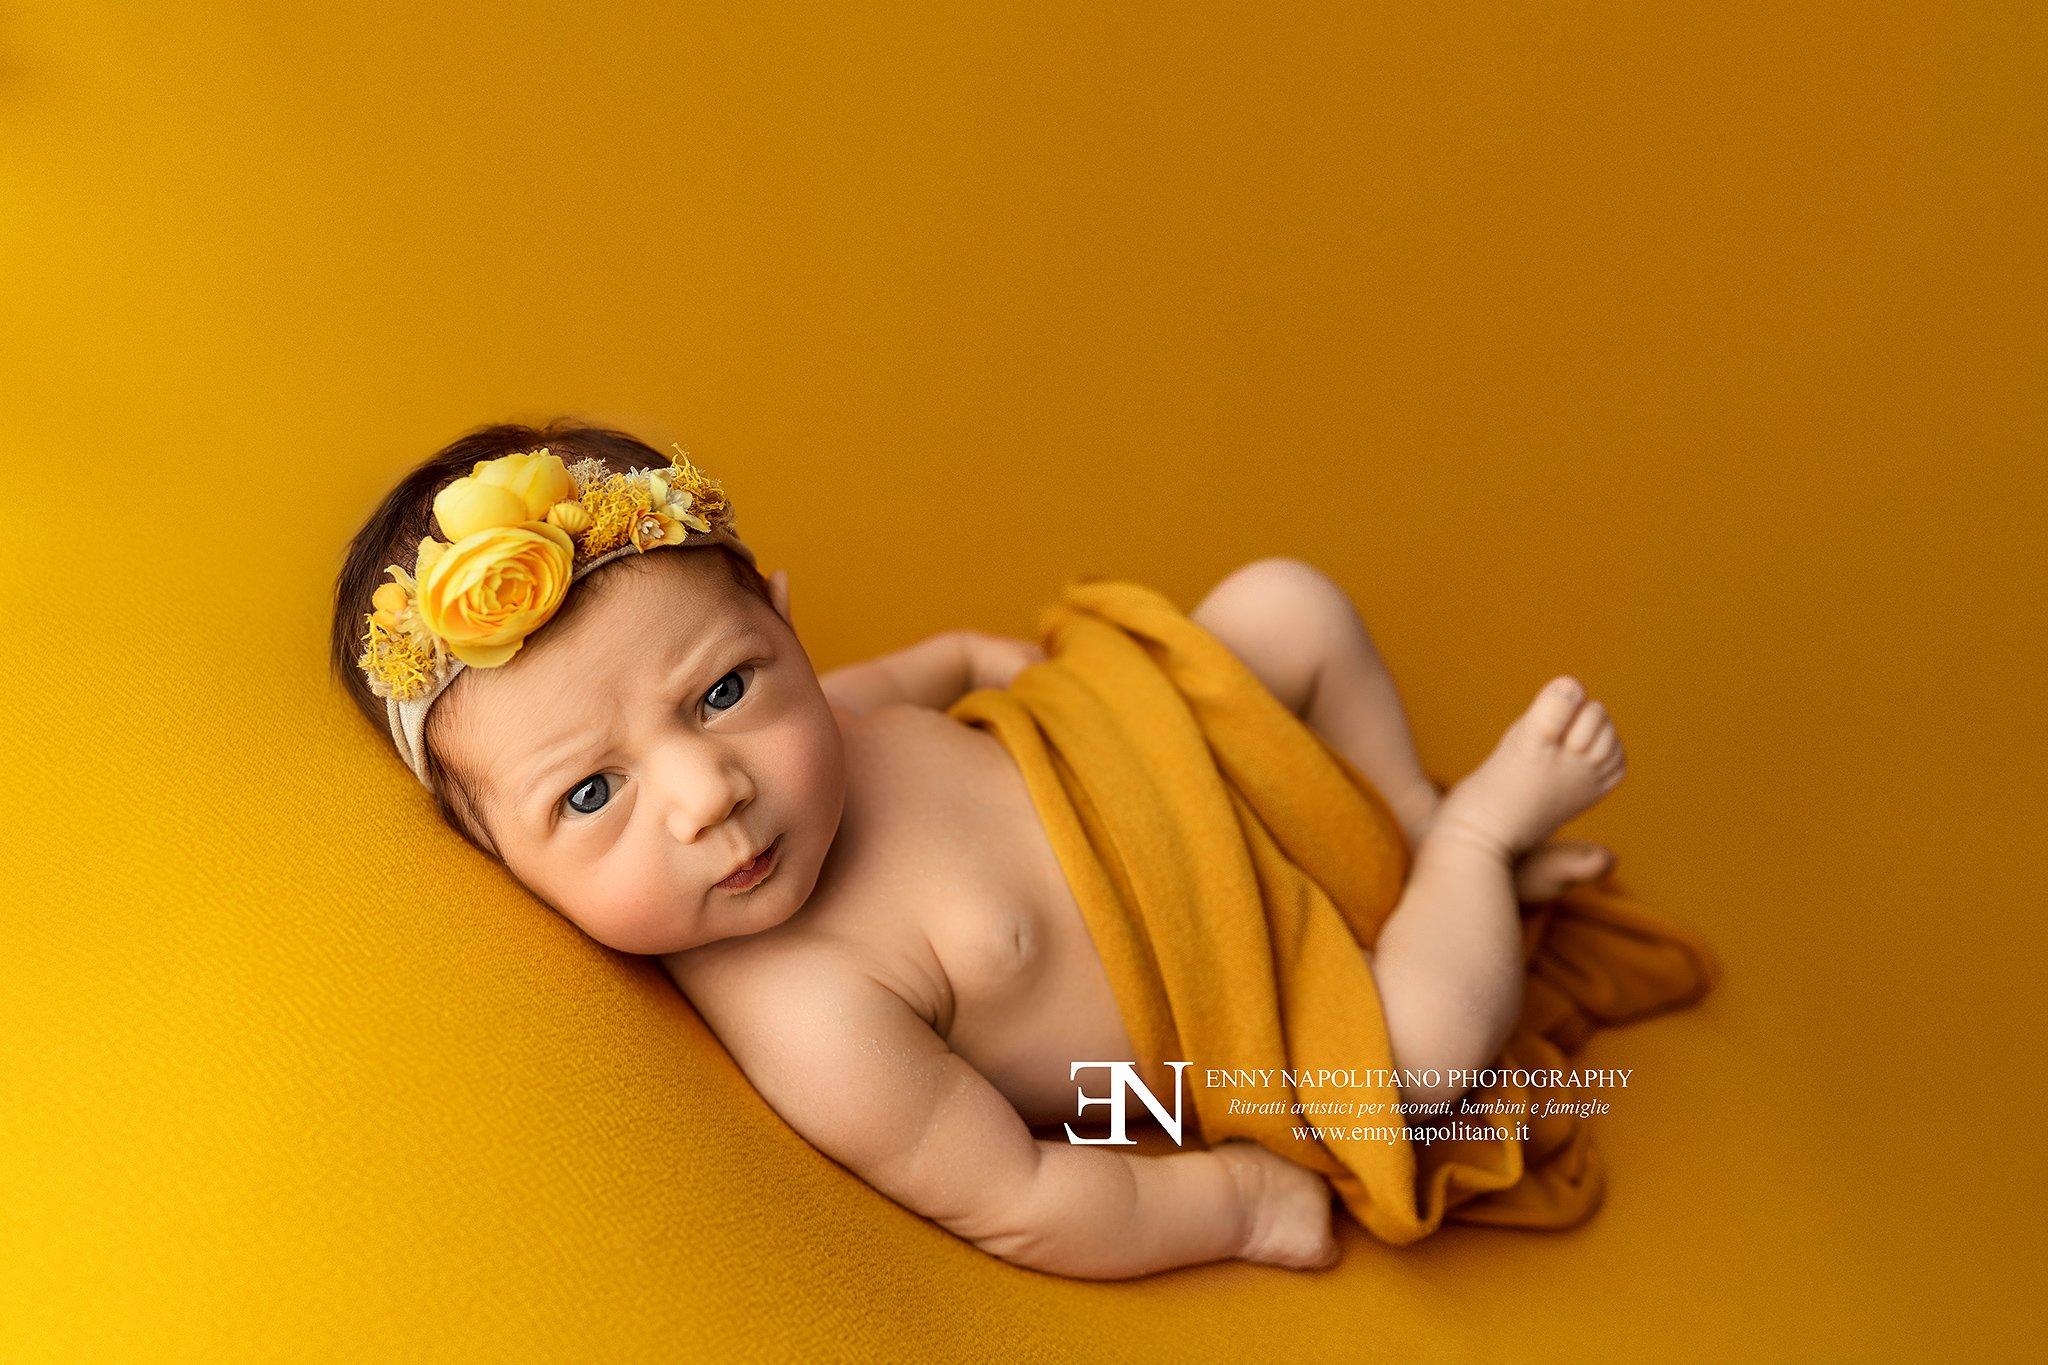 Neonata sveglia che faccia buffa su un fondale giallo e arancione durante un servizio fotografico per neonati e bambini a Milano